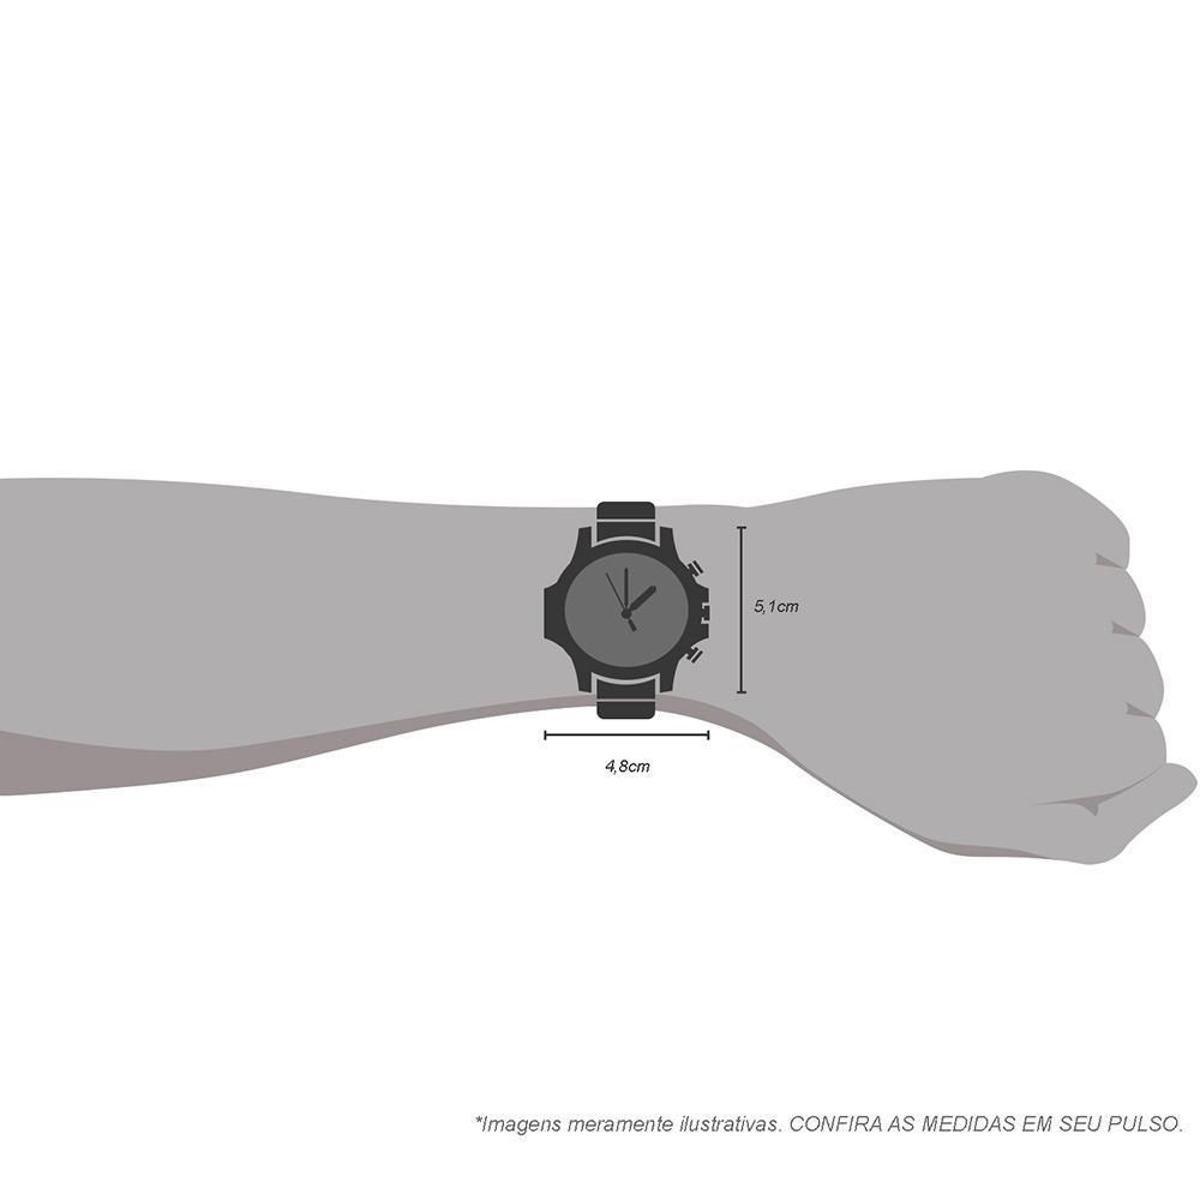 7a571b69479 Relógio Masculino Technos Connect Analógico Casual - Compre Agora ...